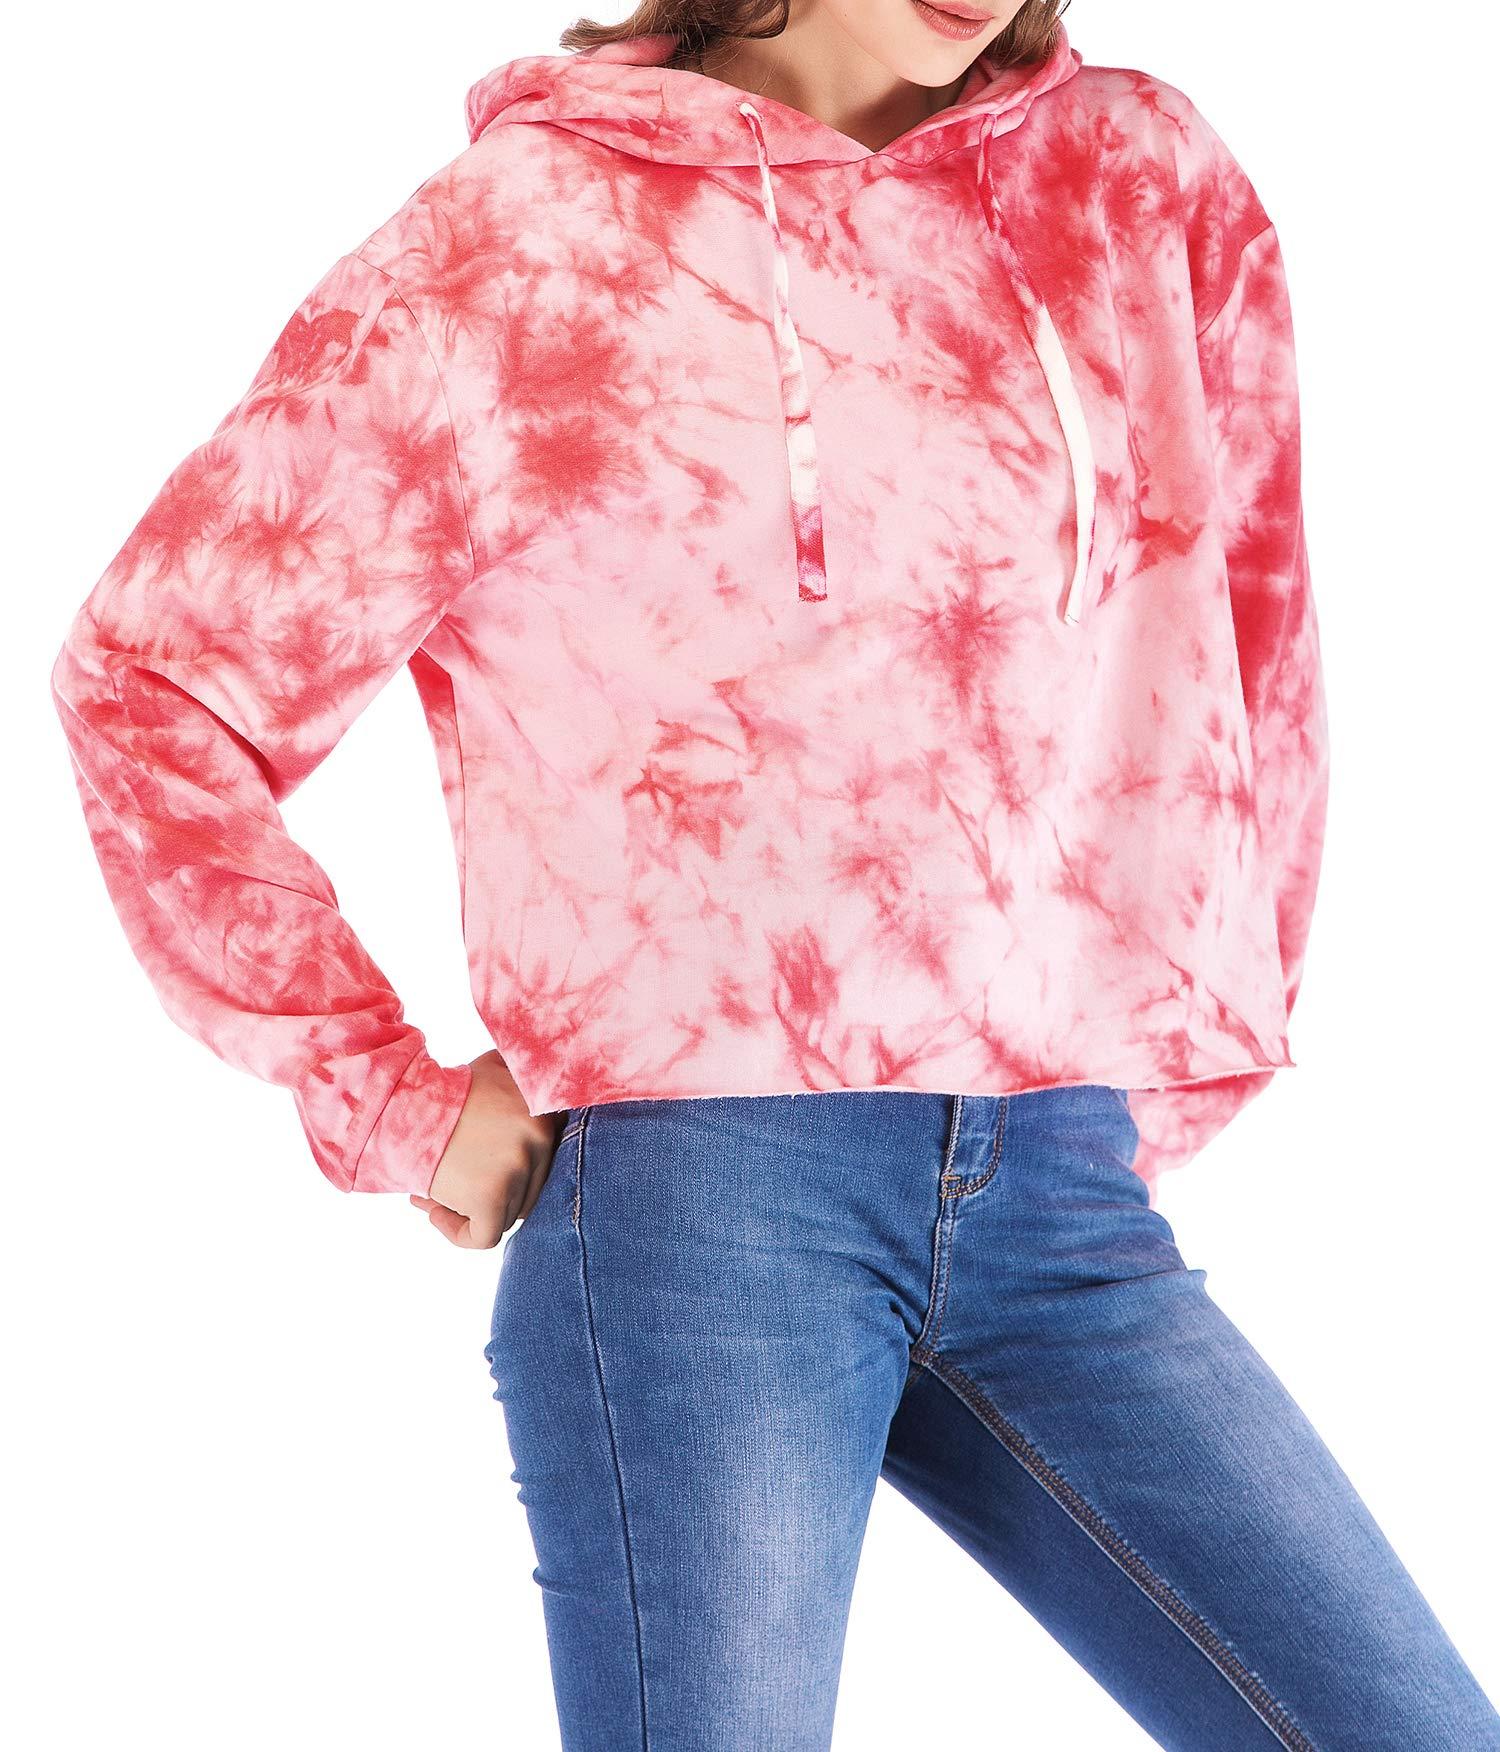 Eanklosco Femmes Tie Dye Sweat imprimé Casual Manche Longue Hauts Cordon de Serrage Sweat à Capuche T-Shirt Chemisier Arrêtez-Vous (Rose, Large/FR40)